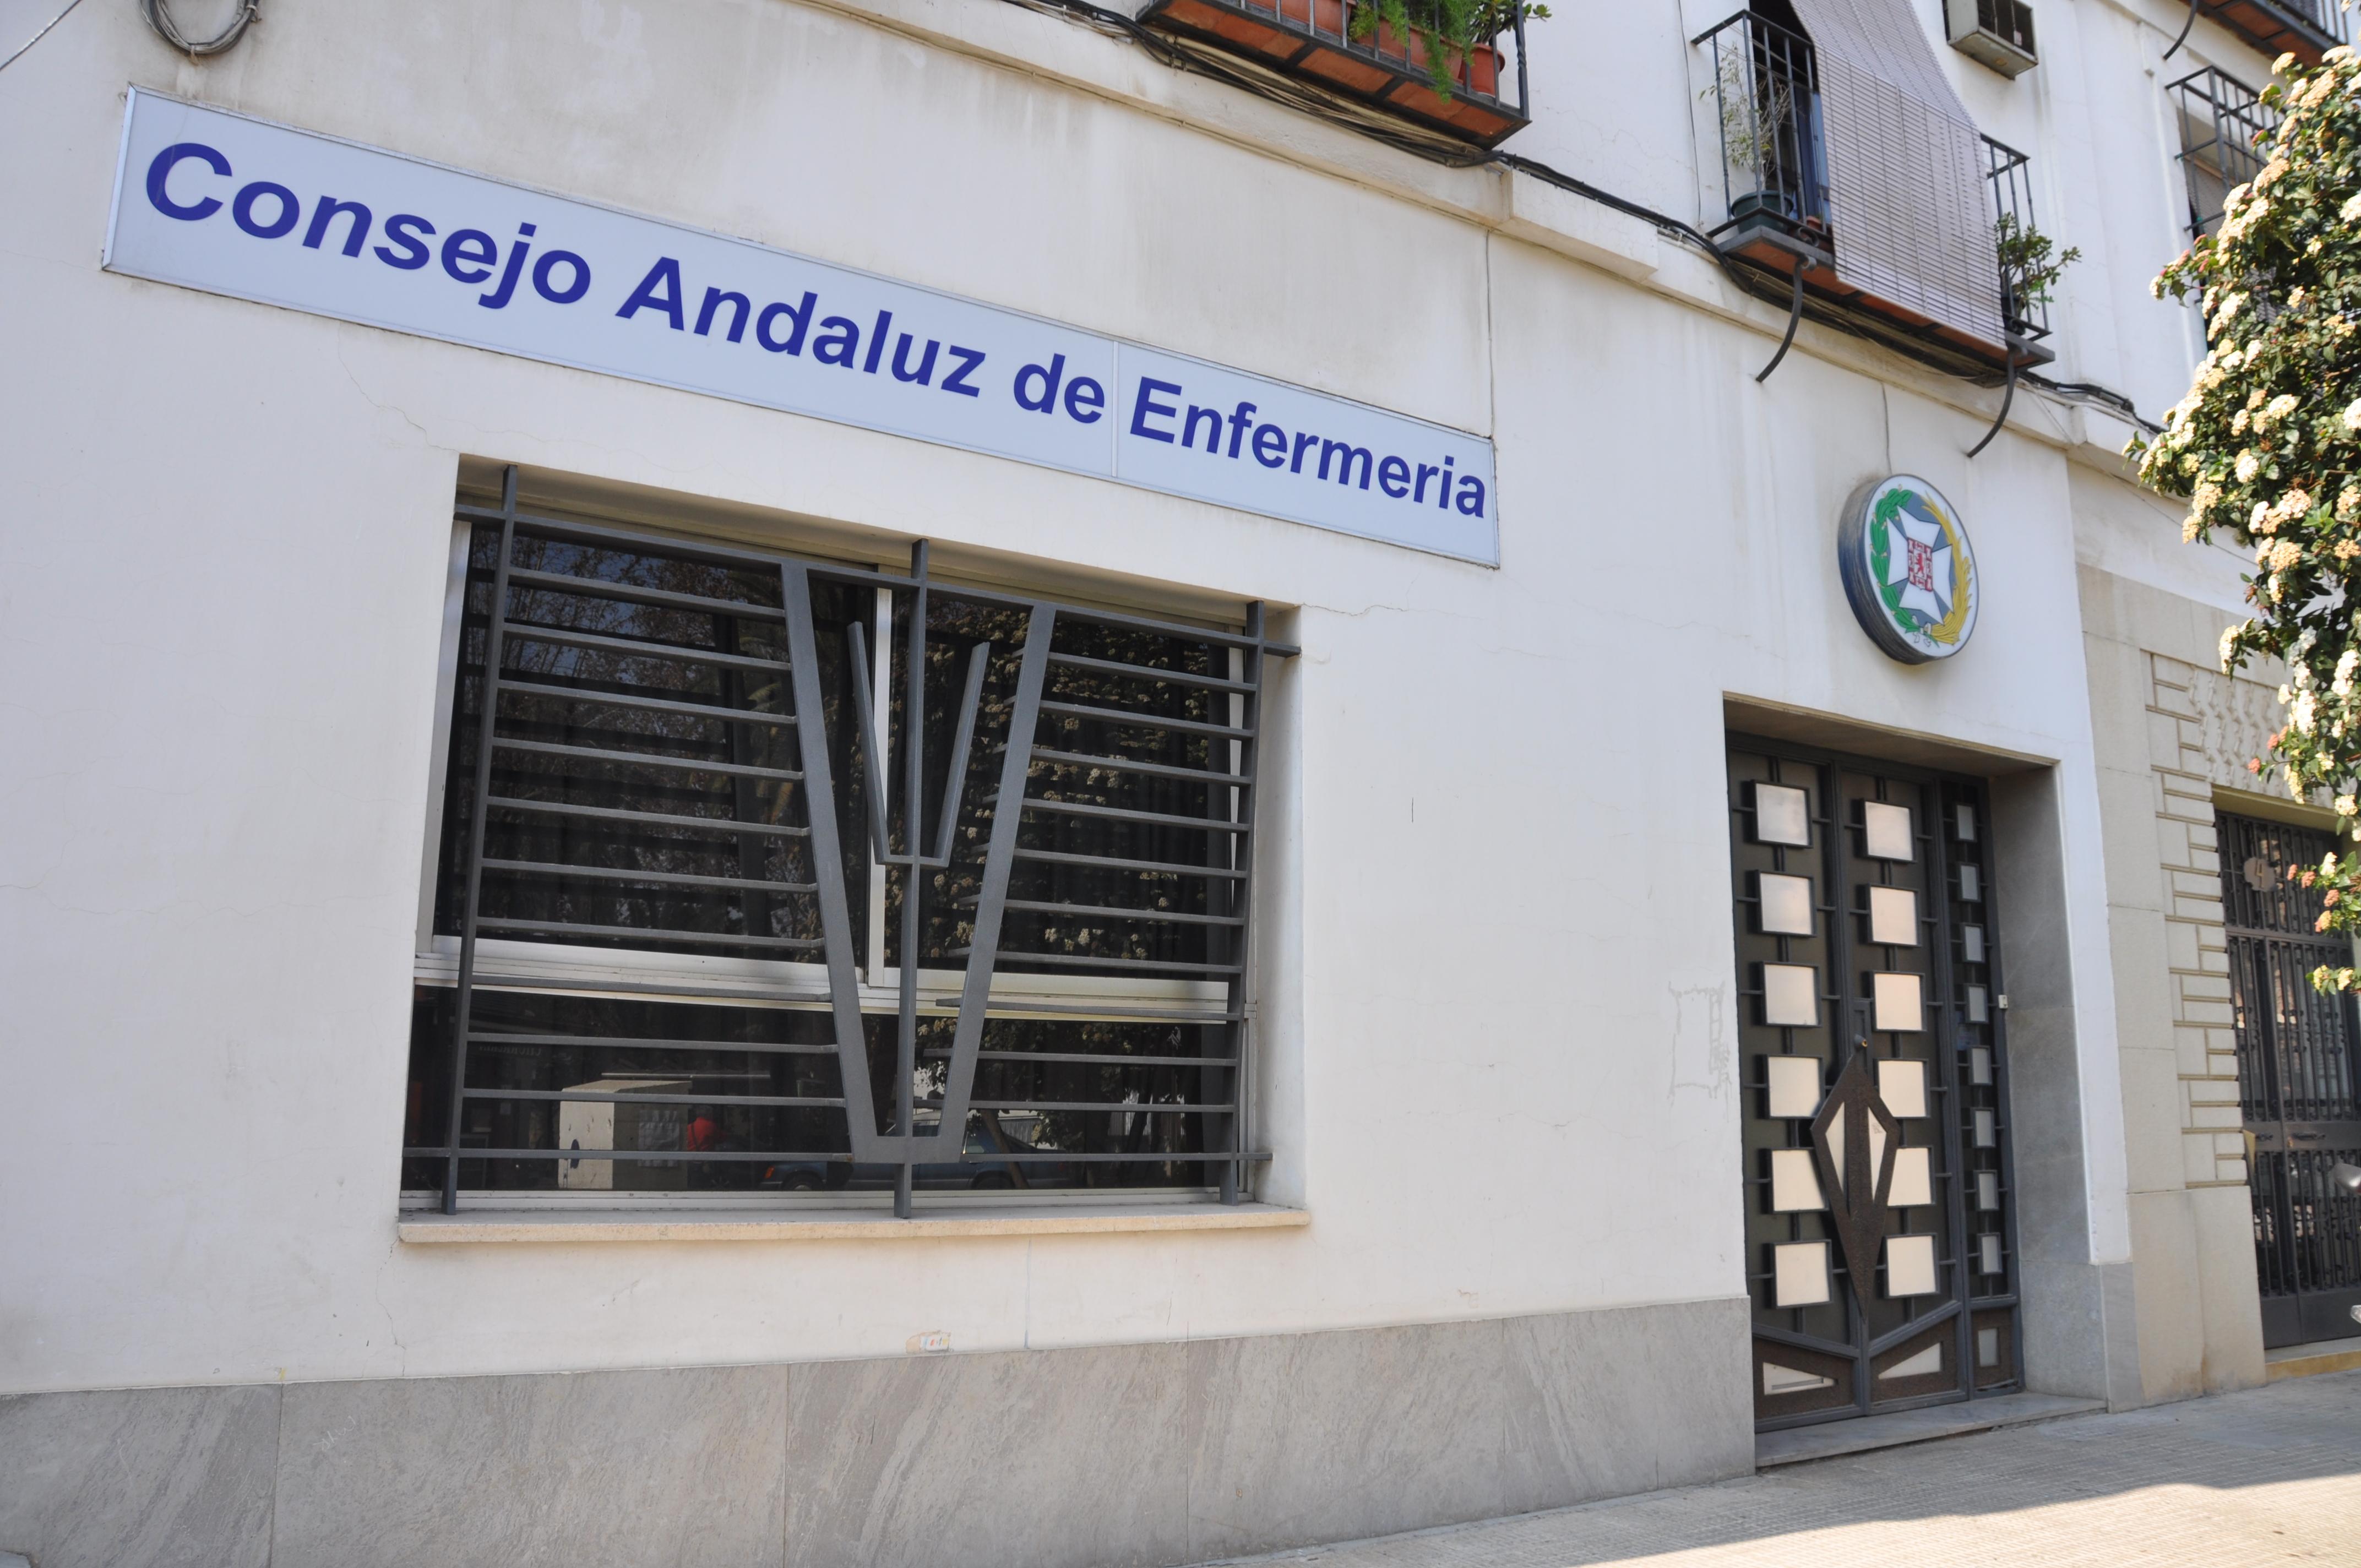 Los enfermeros andaluces vuelven a demandar a la consejera poder dirigir Unidades de Gestión Clínica